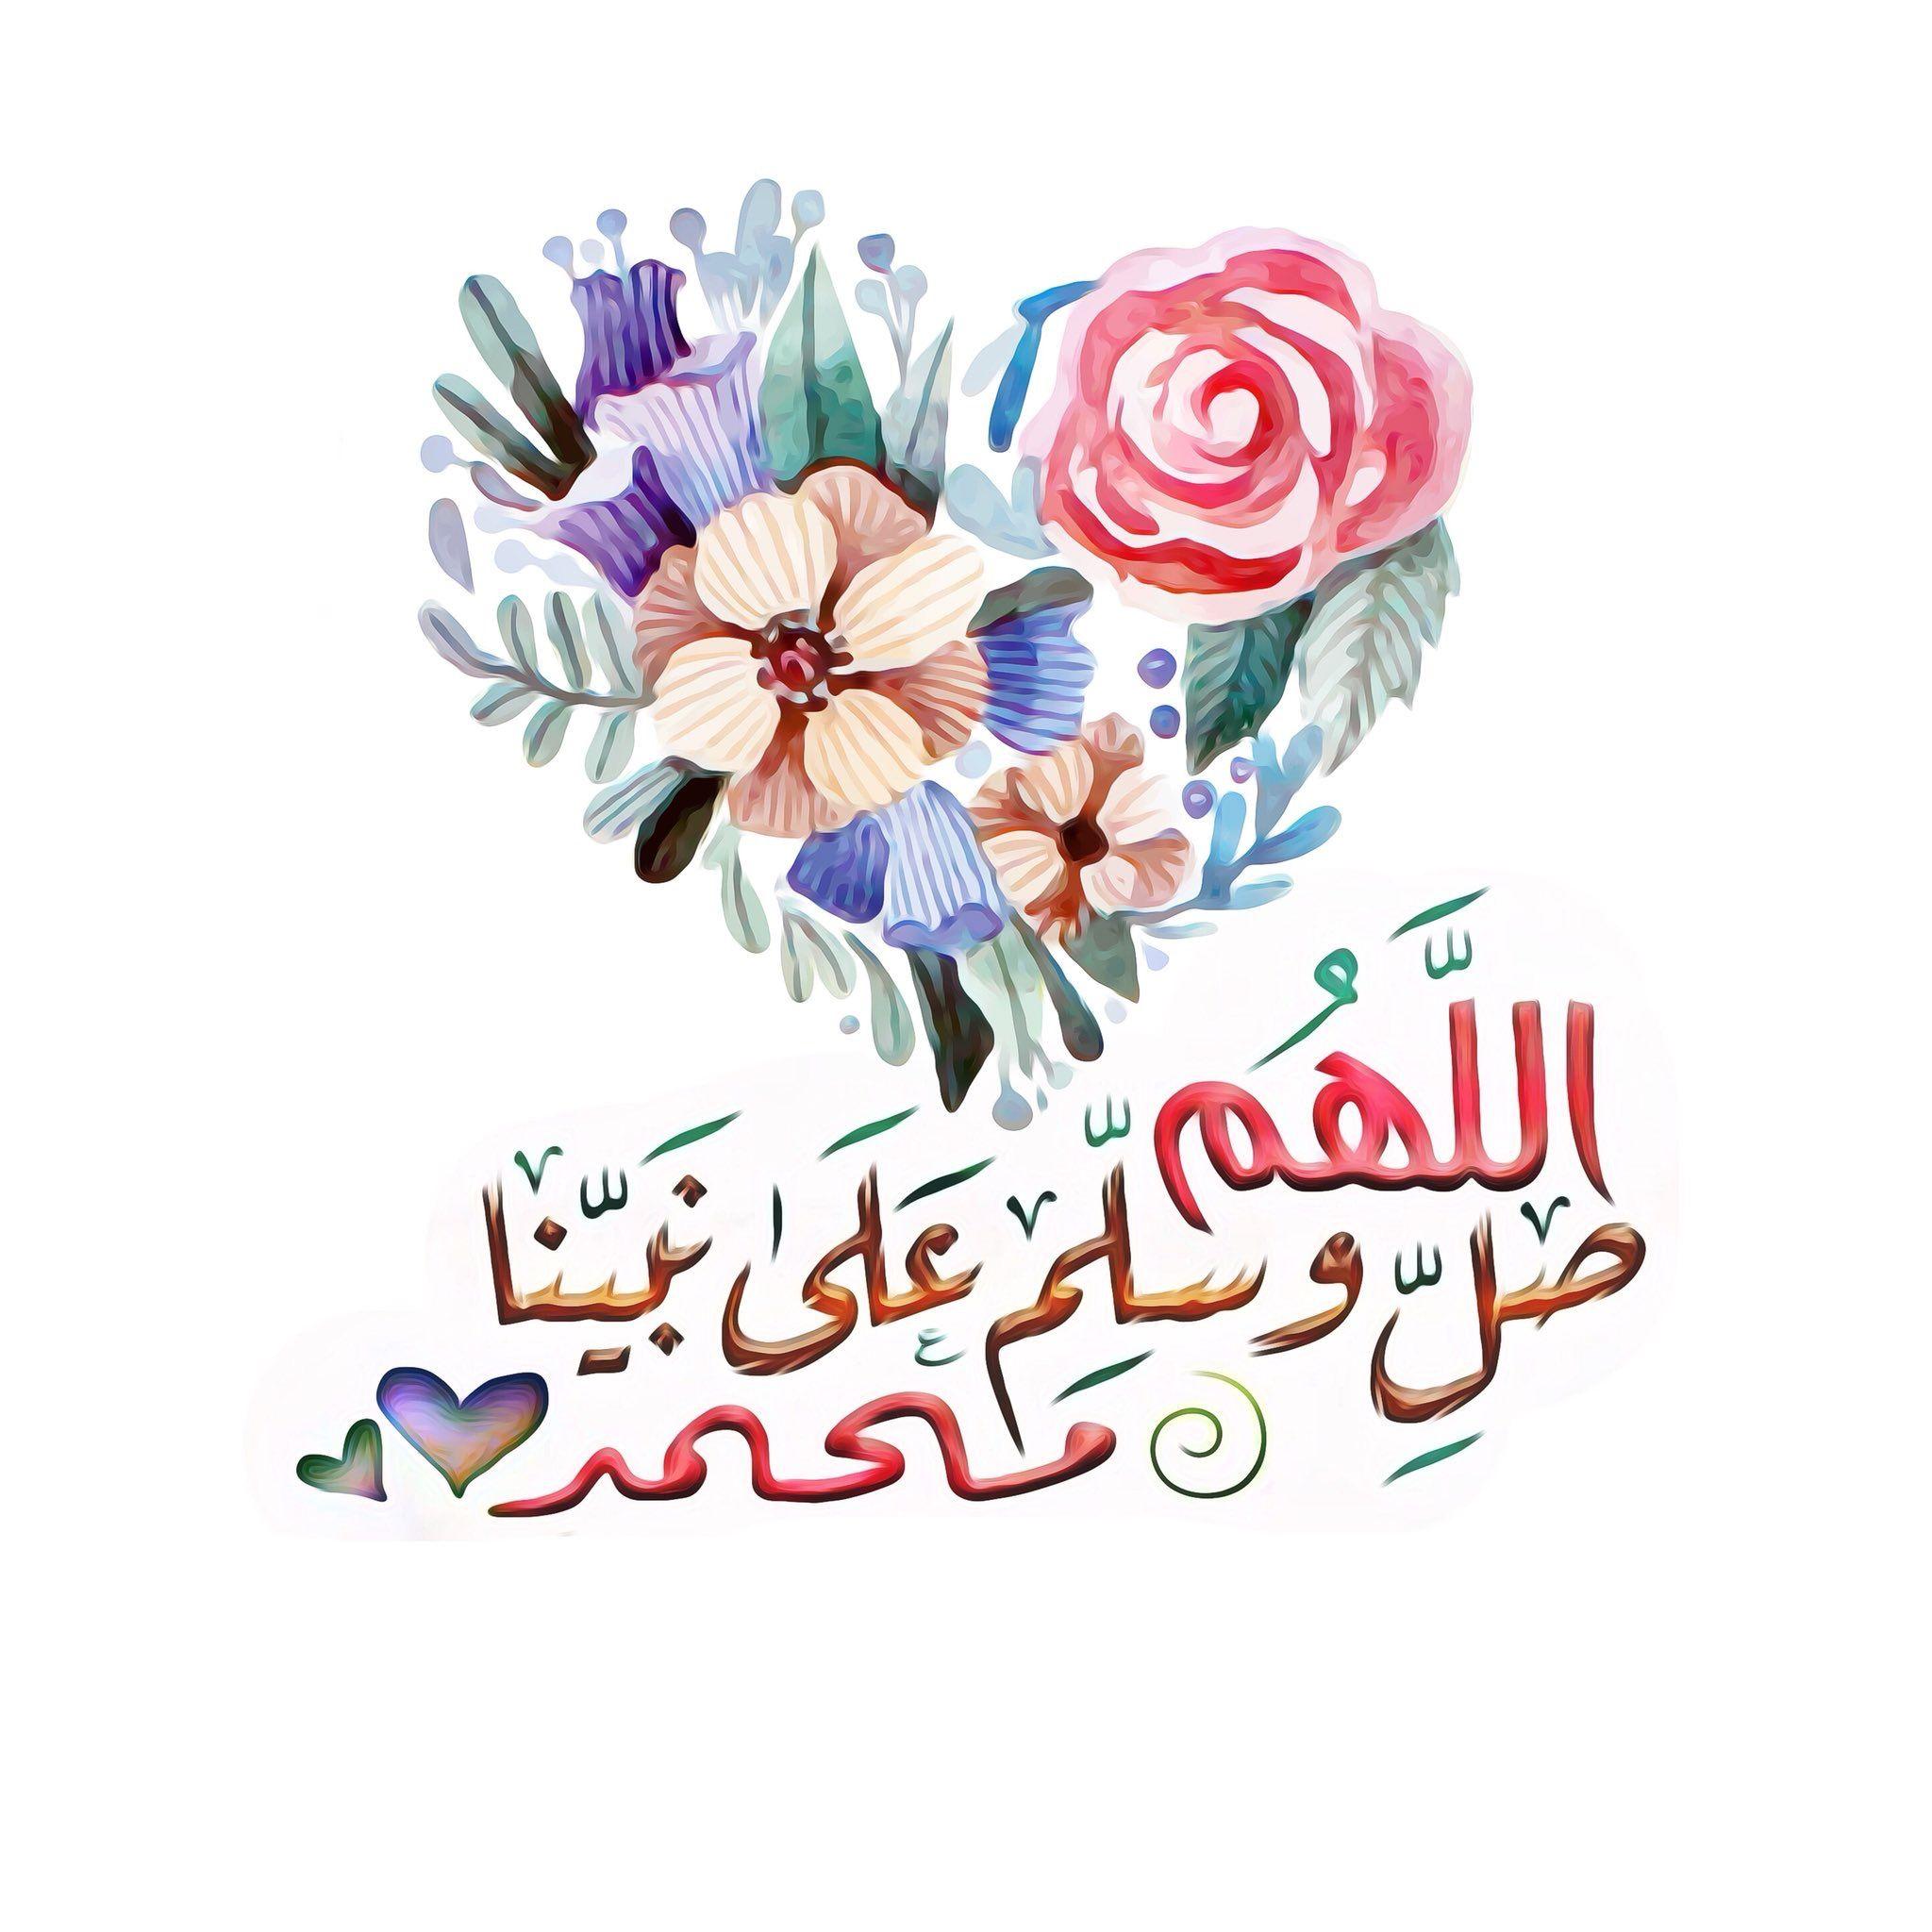 اللهم صل وسلم وبارك على سيدنا محمدﷺ ﷺ ﷺ ﷺ ﷺ ﷺ ﷺ ﷺ ﷺ ﷺ ﷺ ﷺ Islamic Images Muslim Images Quran Quotes Love